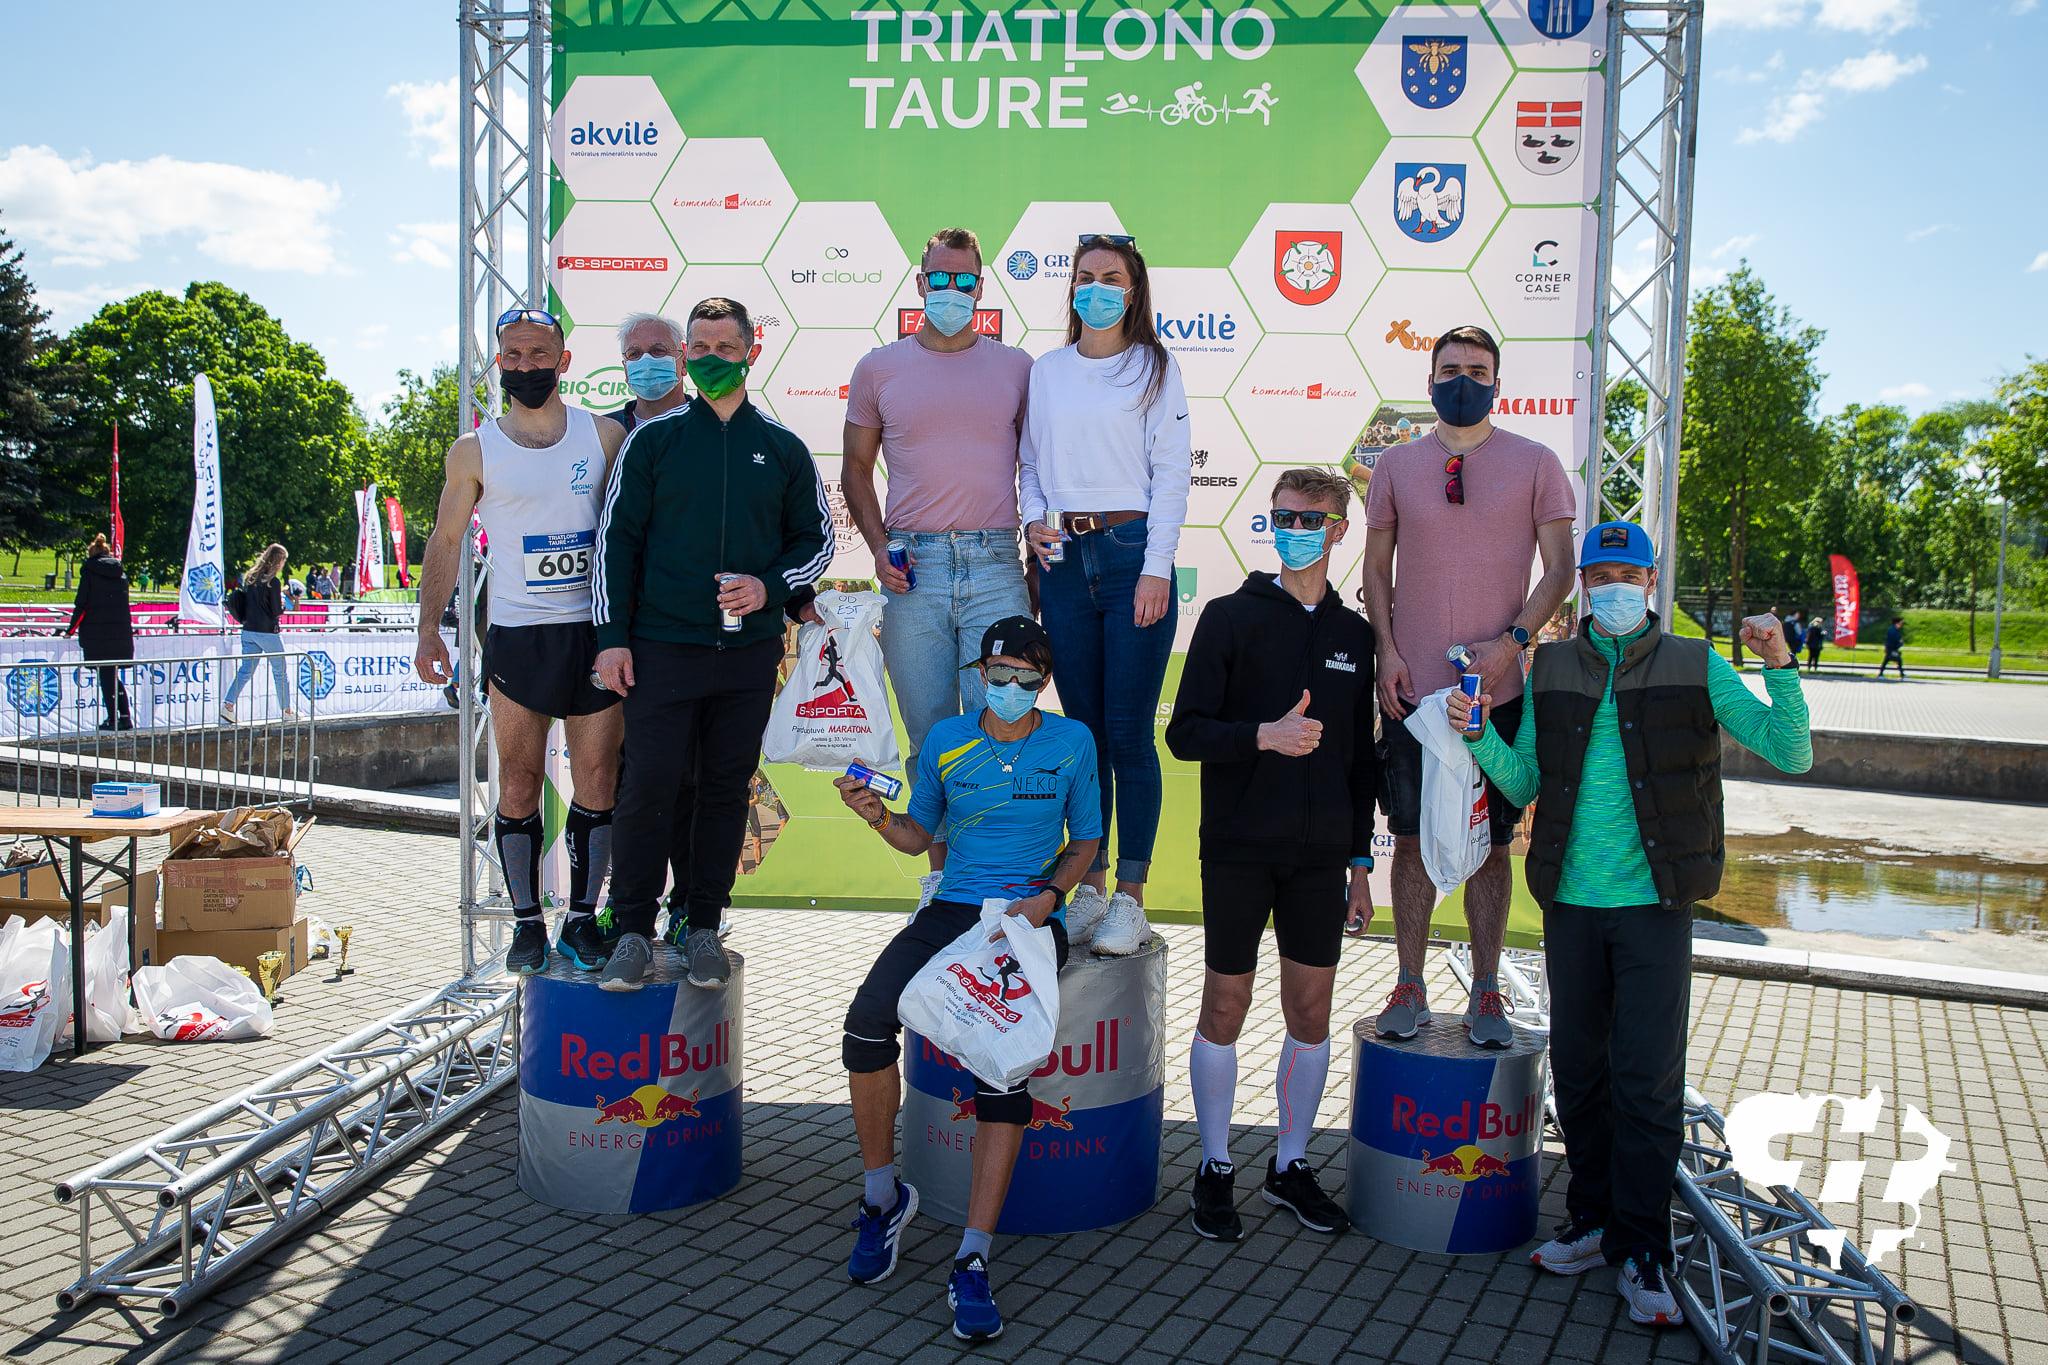 Marijampolės triatlono komanda